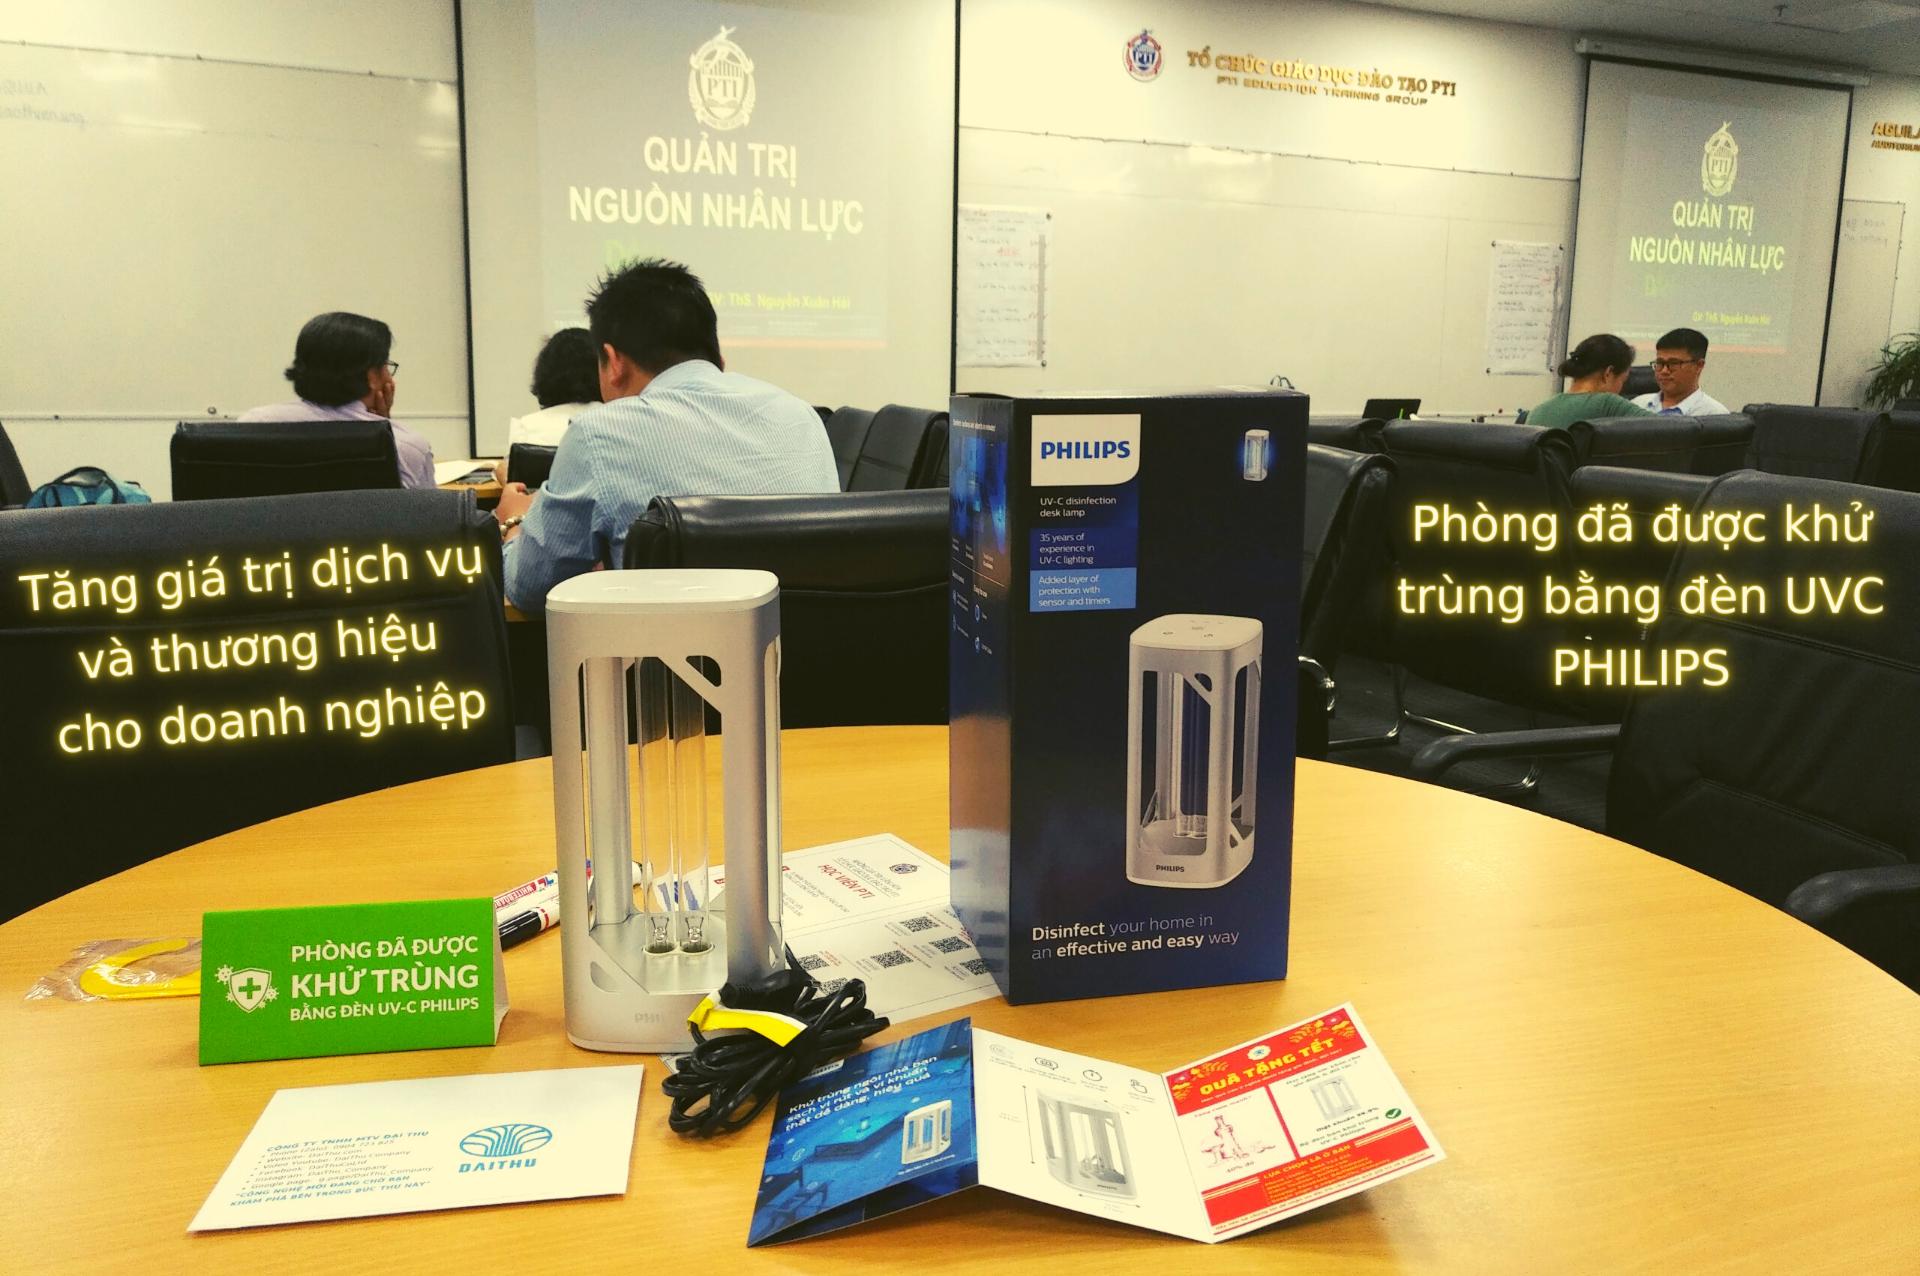 Phòng đã được khử trùng bằng đèn diệt khuẩn UVC Philips - Quà Tết tại trường doanh nhân PTI HCM - Tăng giá trị dịch vụ và thương hiệu cho doanh nghiệp